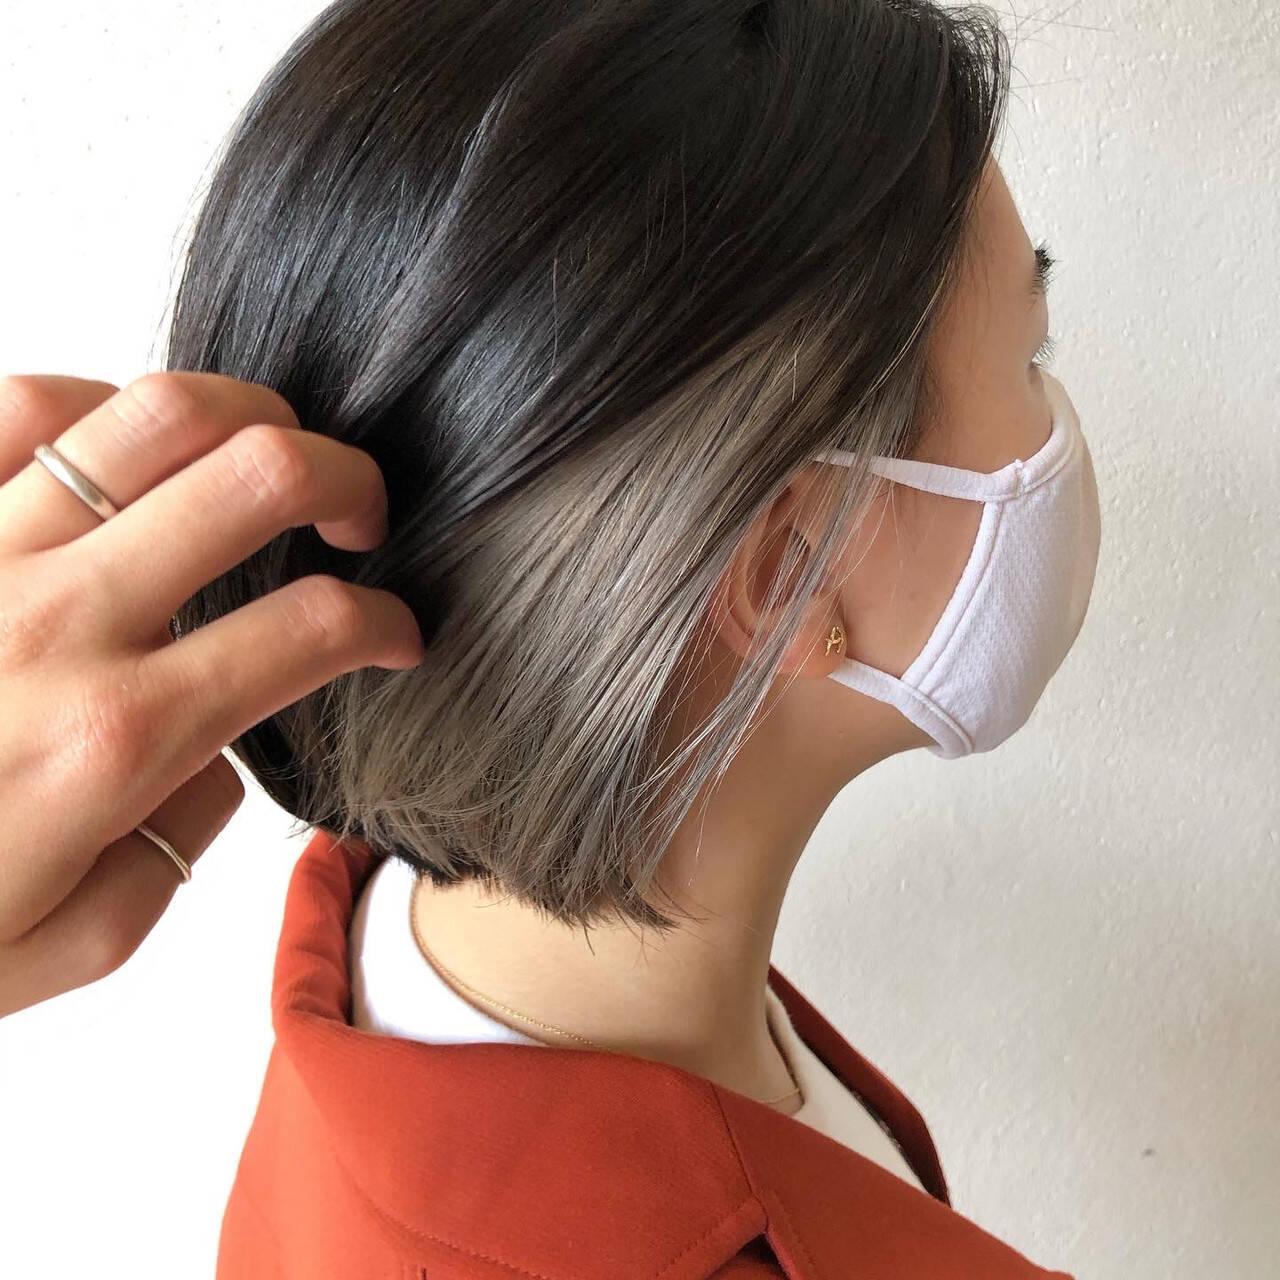 モード シルバーグレー インナーカラー シルバーアッシュヘアスタイルや髪型の写真・画像